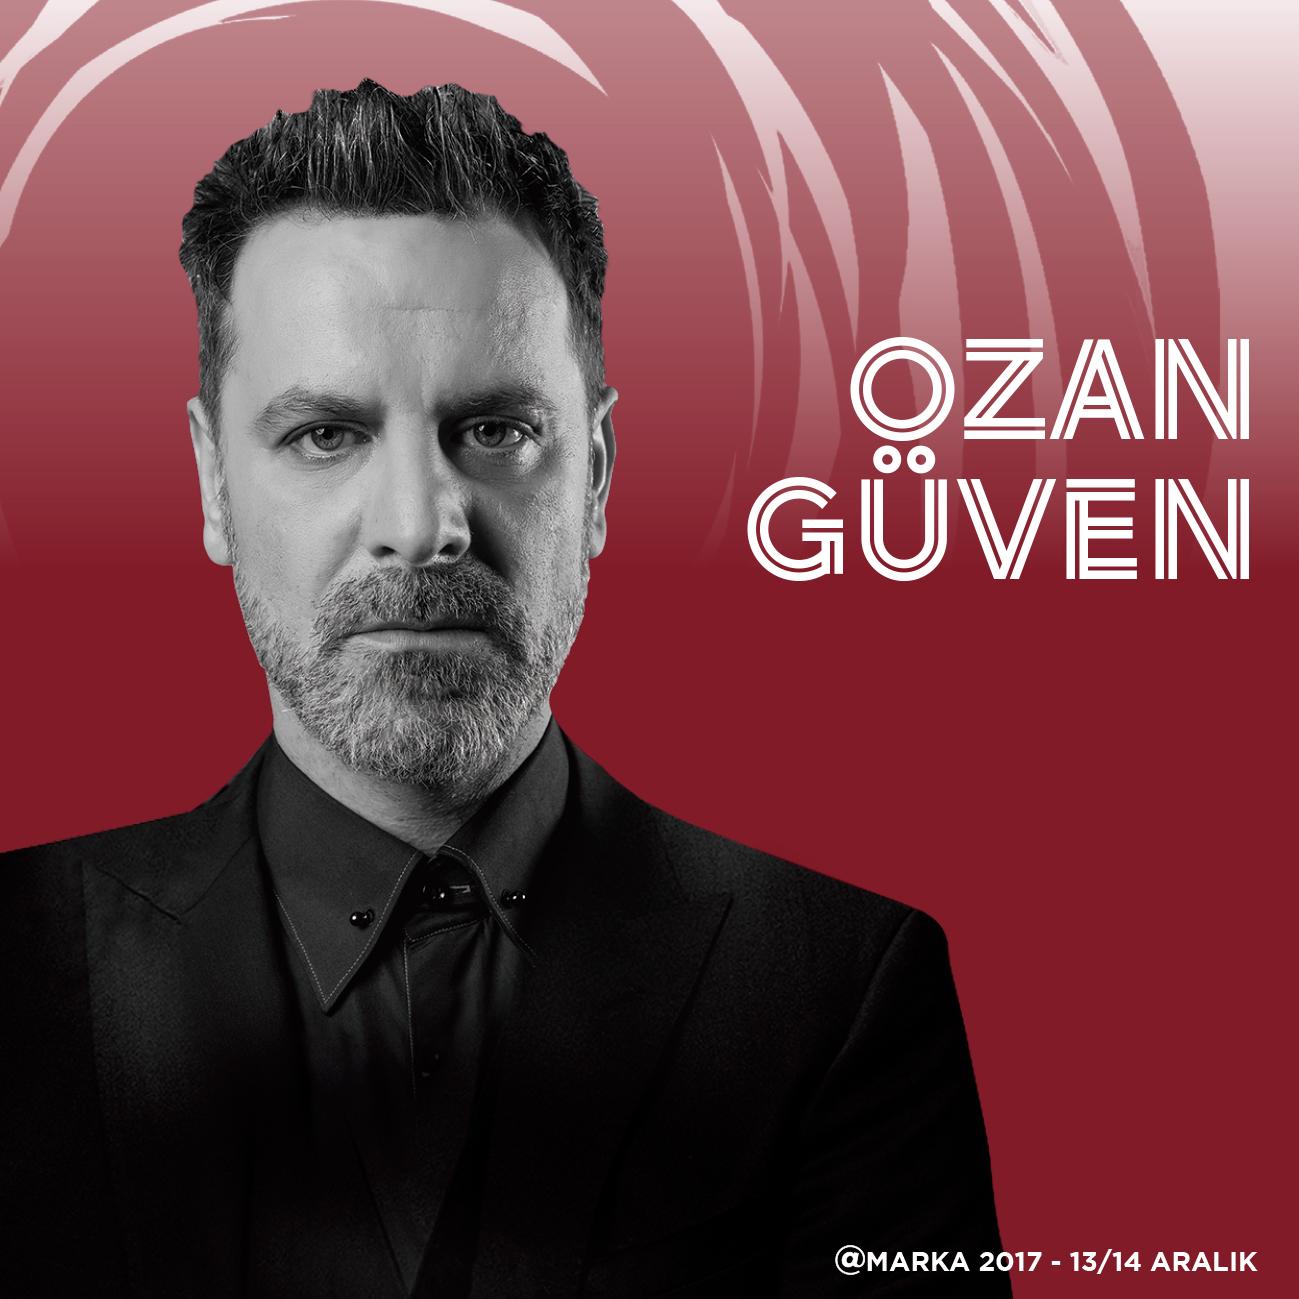 OZAN GUVEN